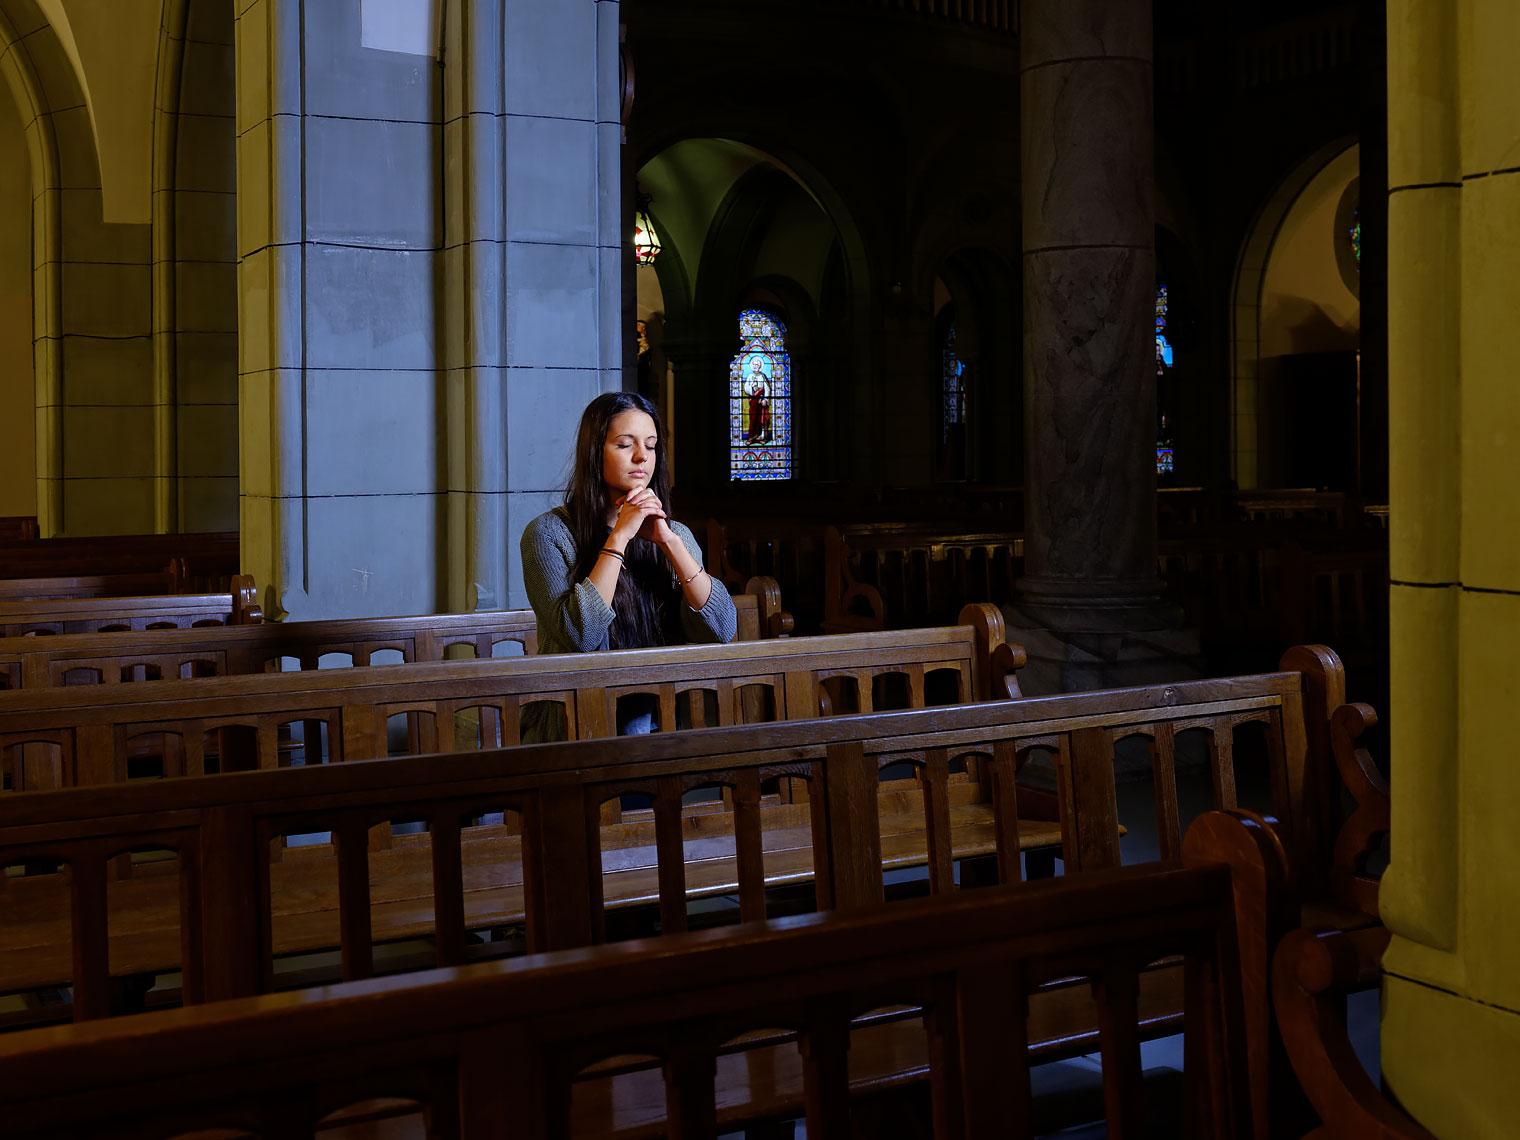 Sungan Singh à l'Eglise de Montreux.